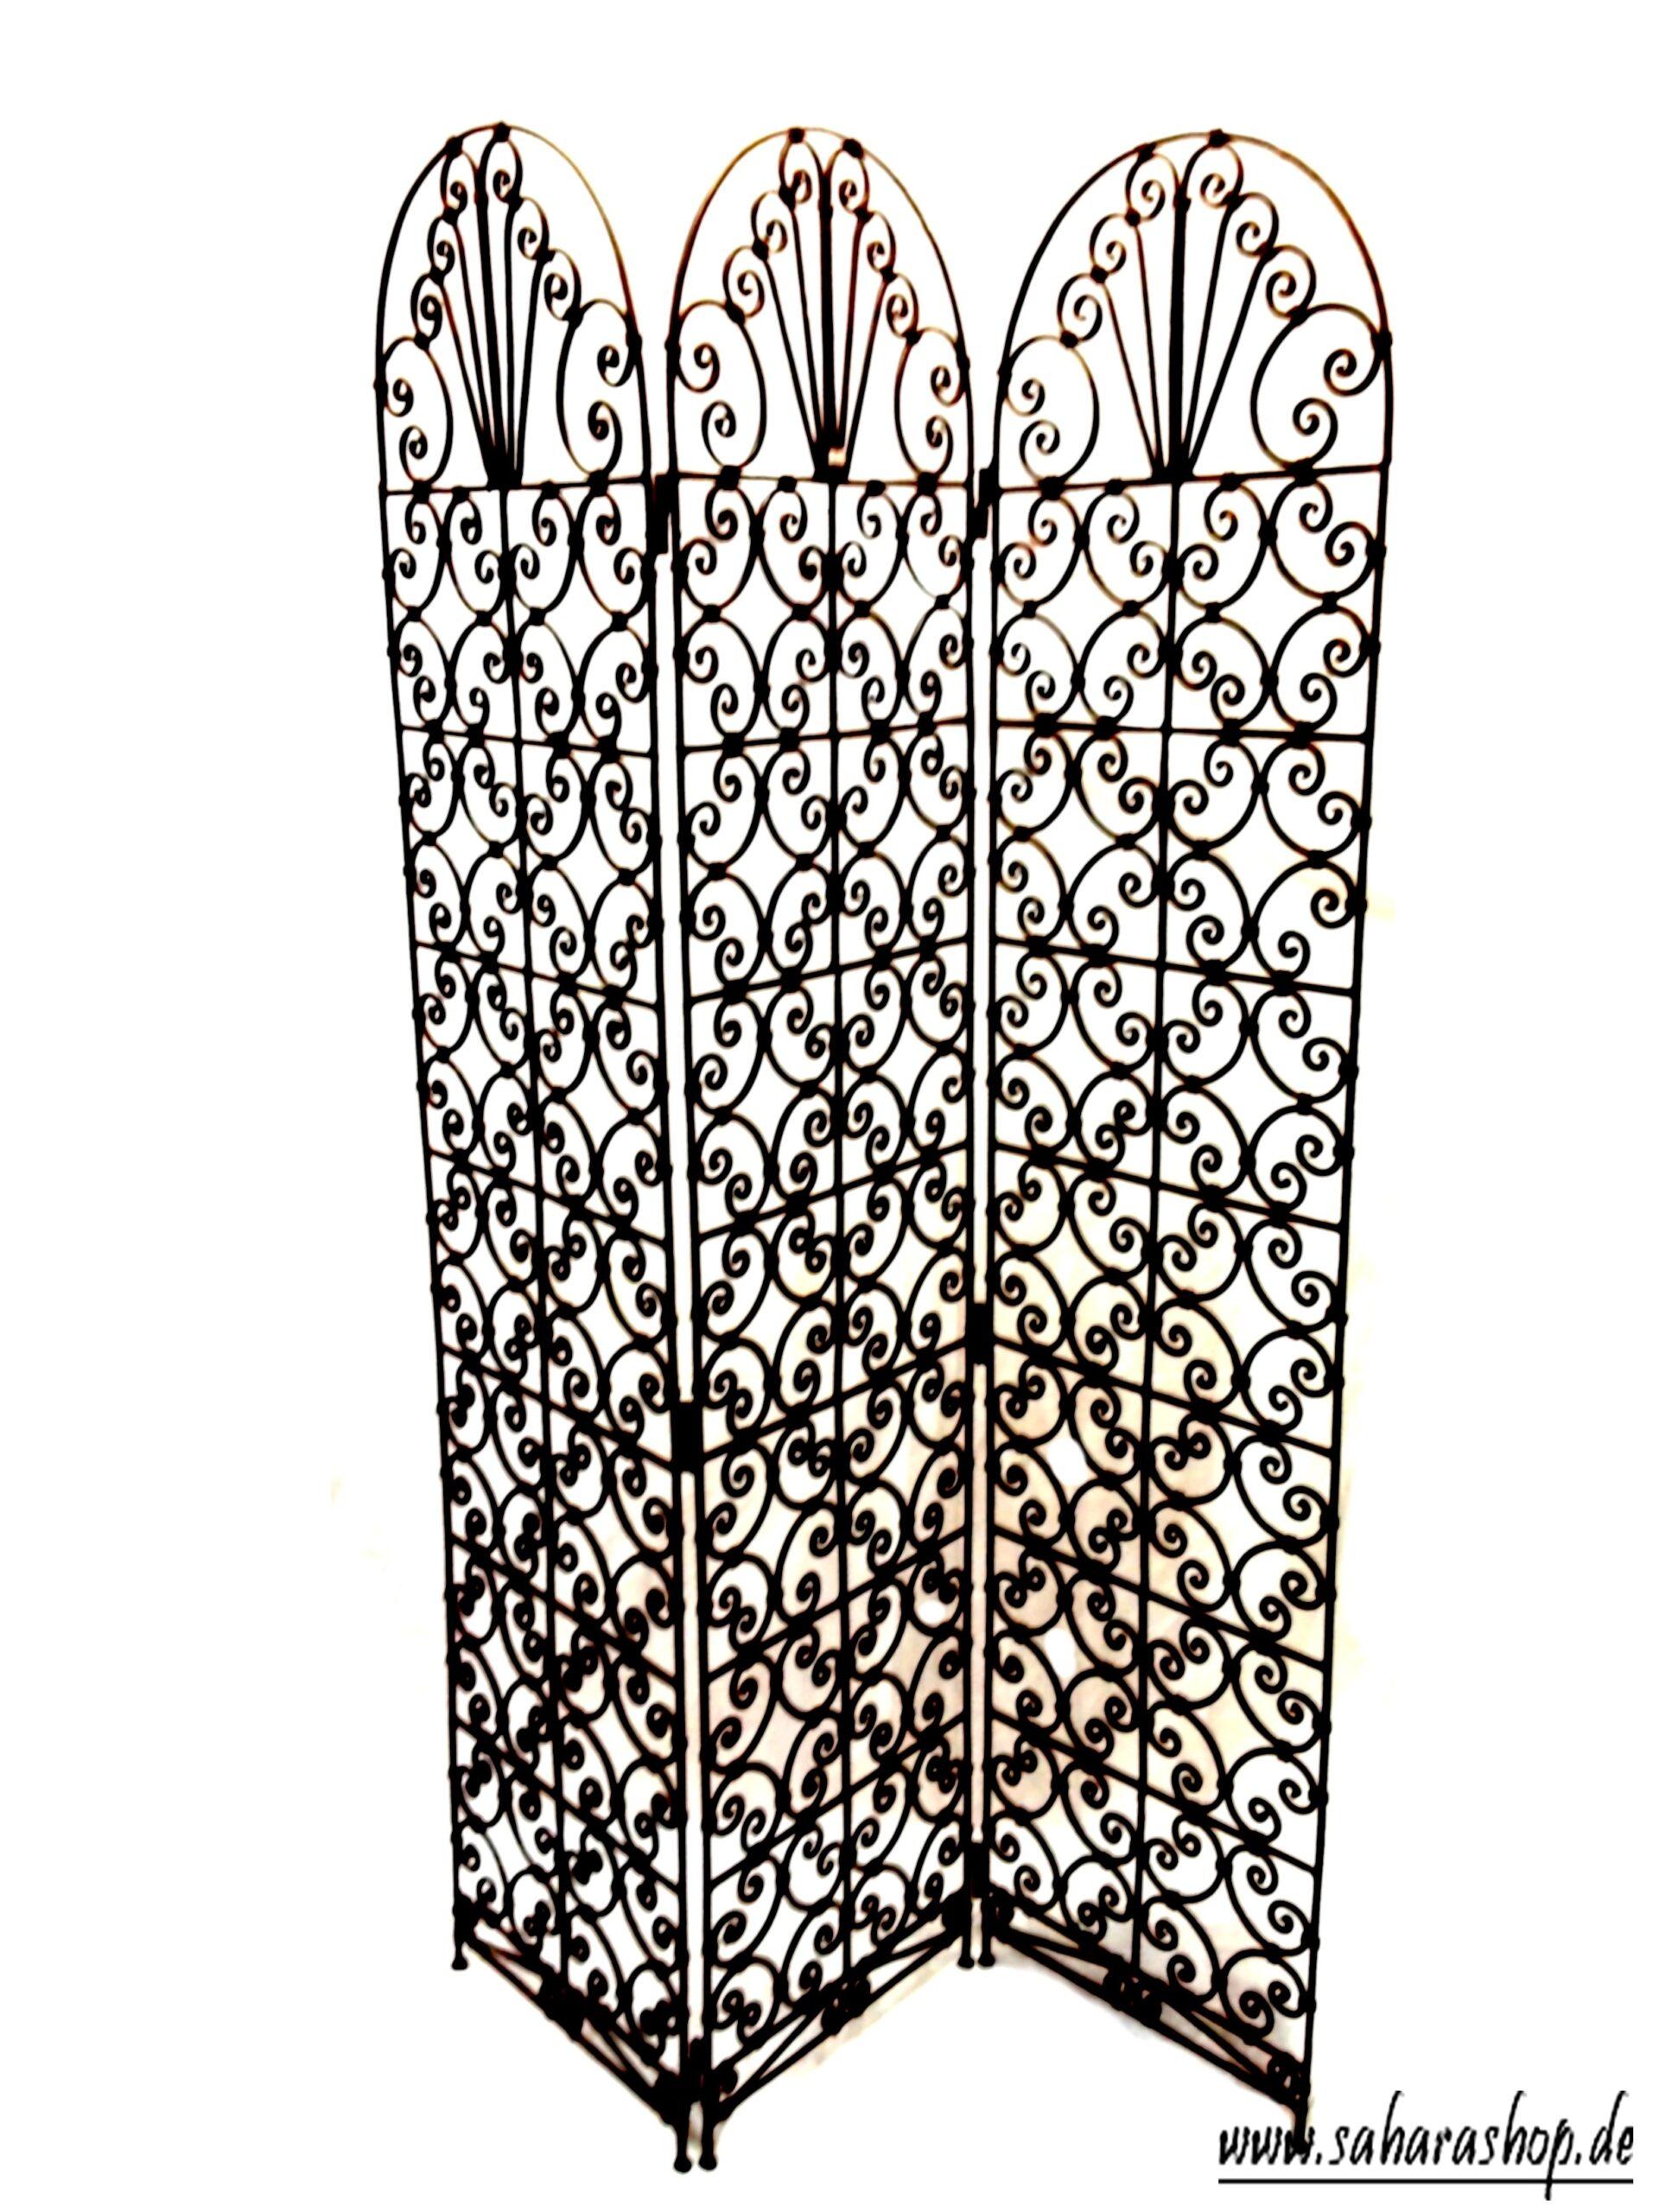 Full Size of Paravent Garten Metall Holzhaus Spielhaus Klapptisch Eckbank Trennwand Spielanlage Stapelstuhl Vertikal Und Landschaftsbau Berlin Pergola Whirlpool Aufblasbar Wohnzimmer Paravent Garten Metall